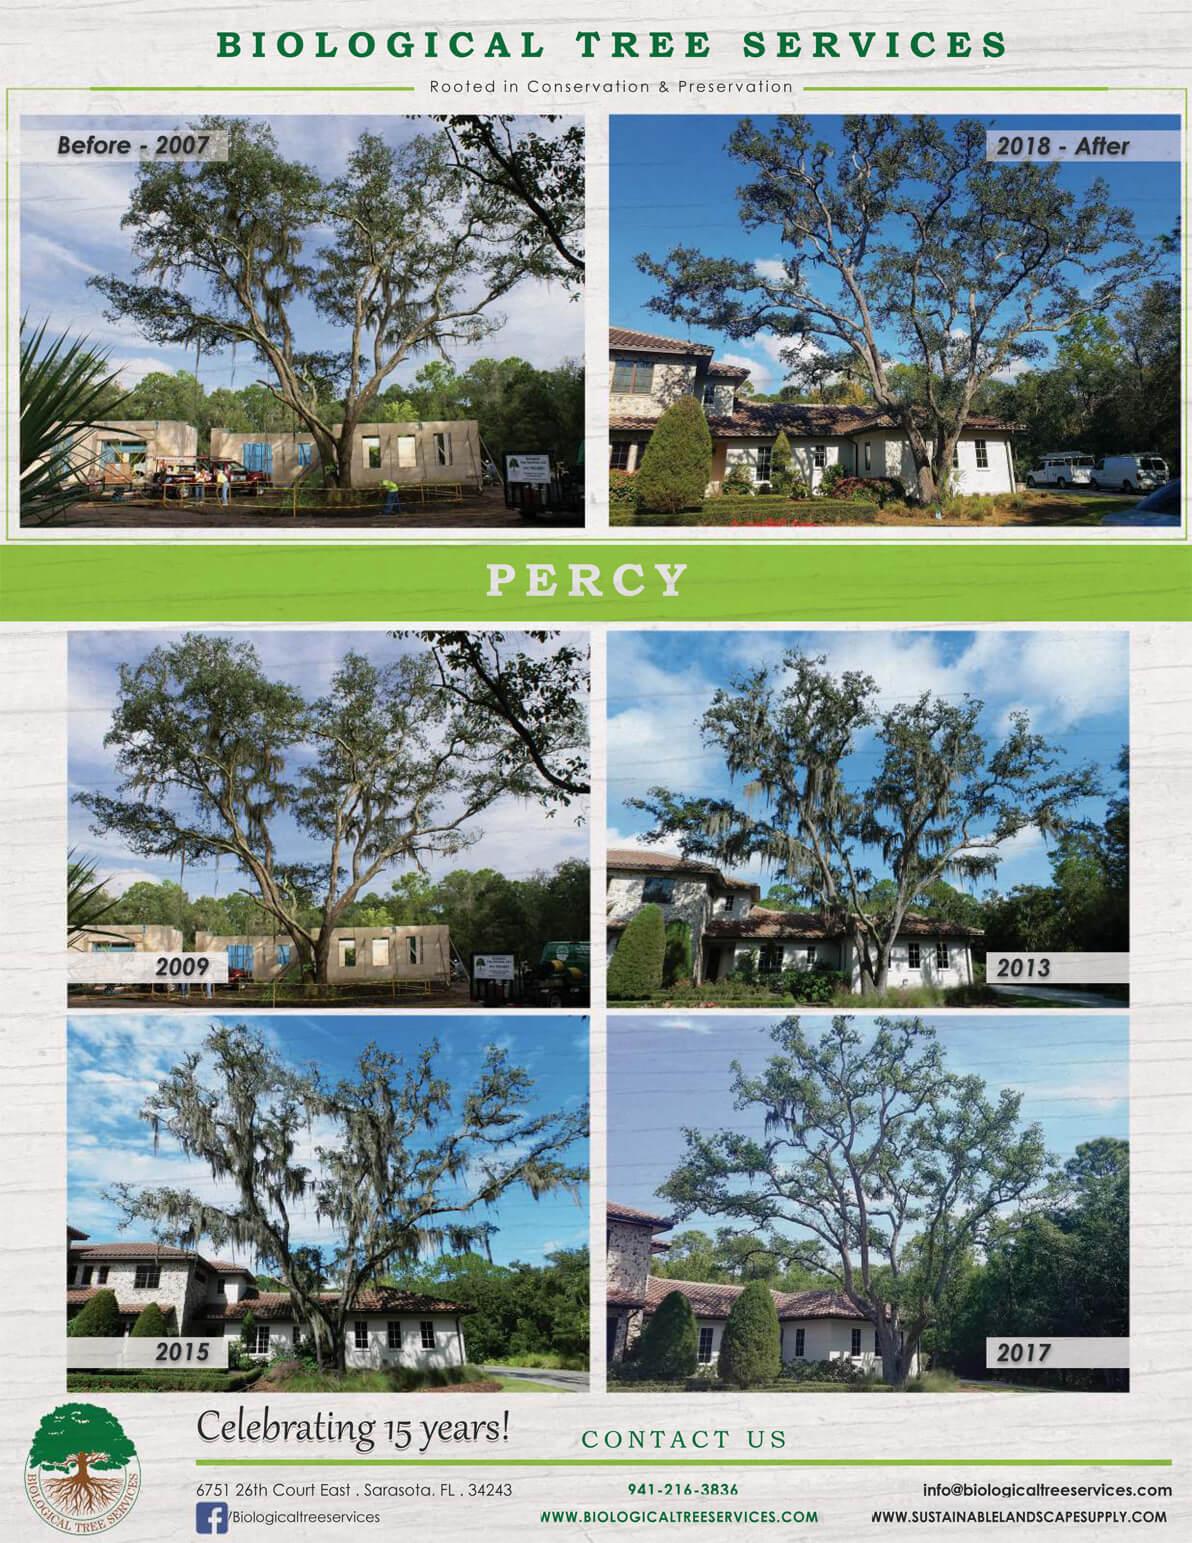 The Percy Tree